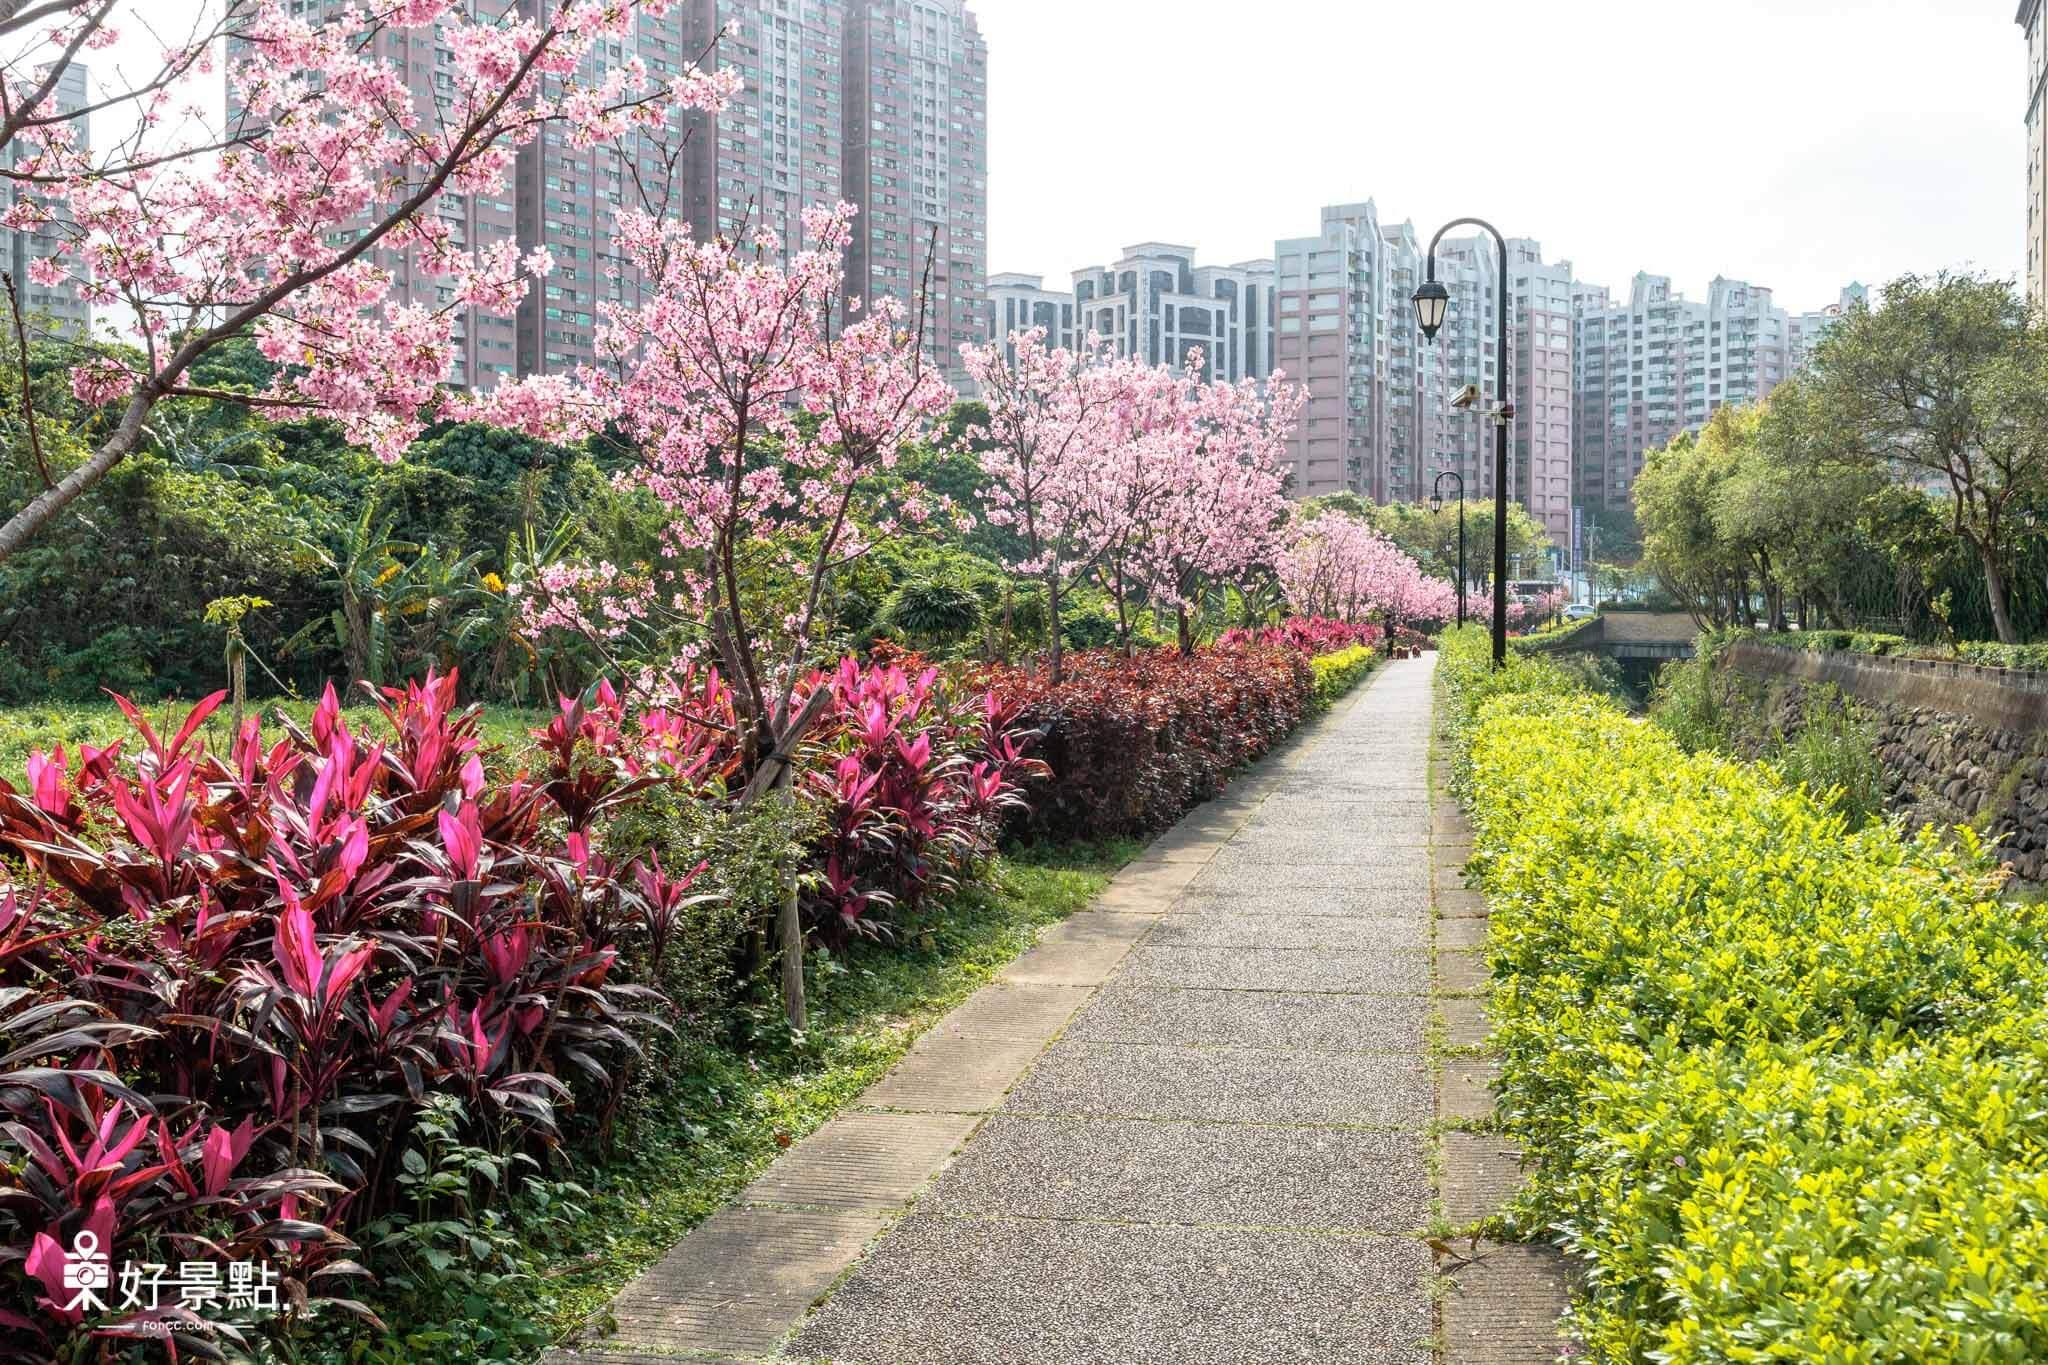 北投子溪櫻花林生態步道